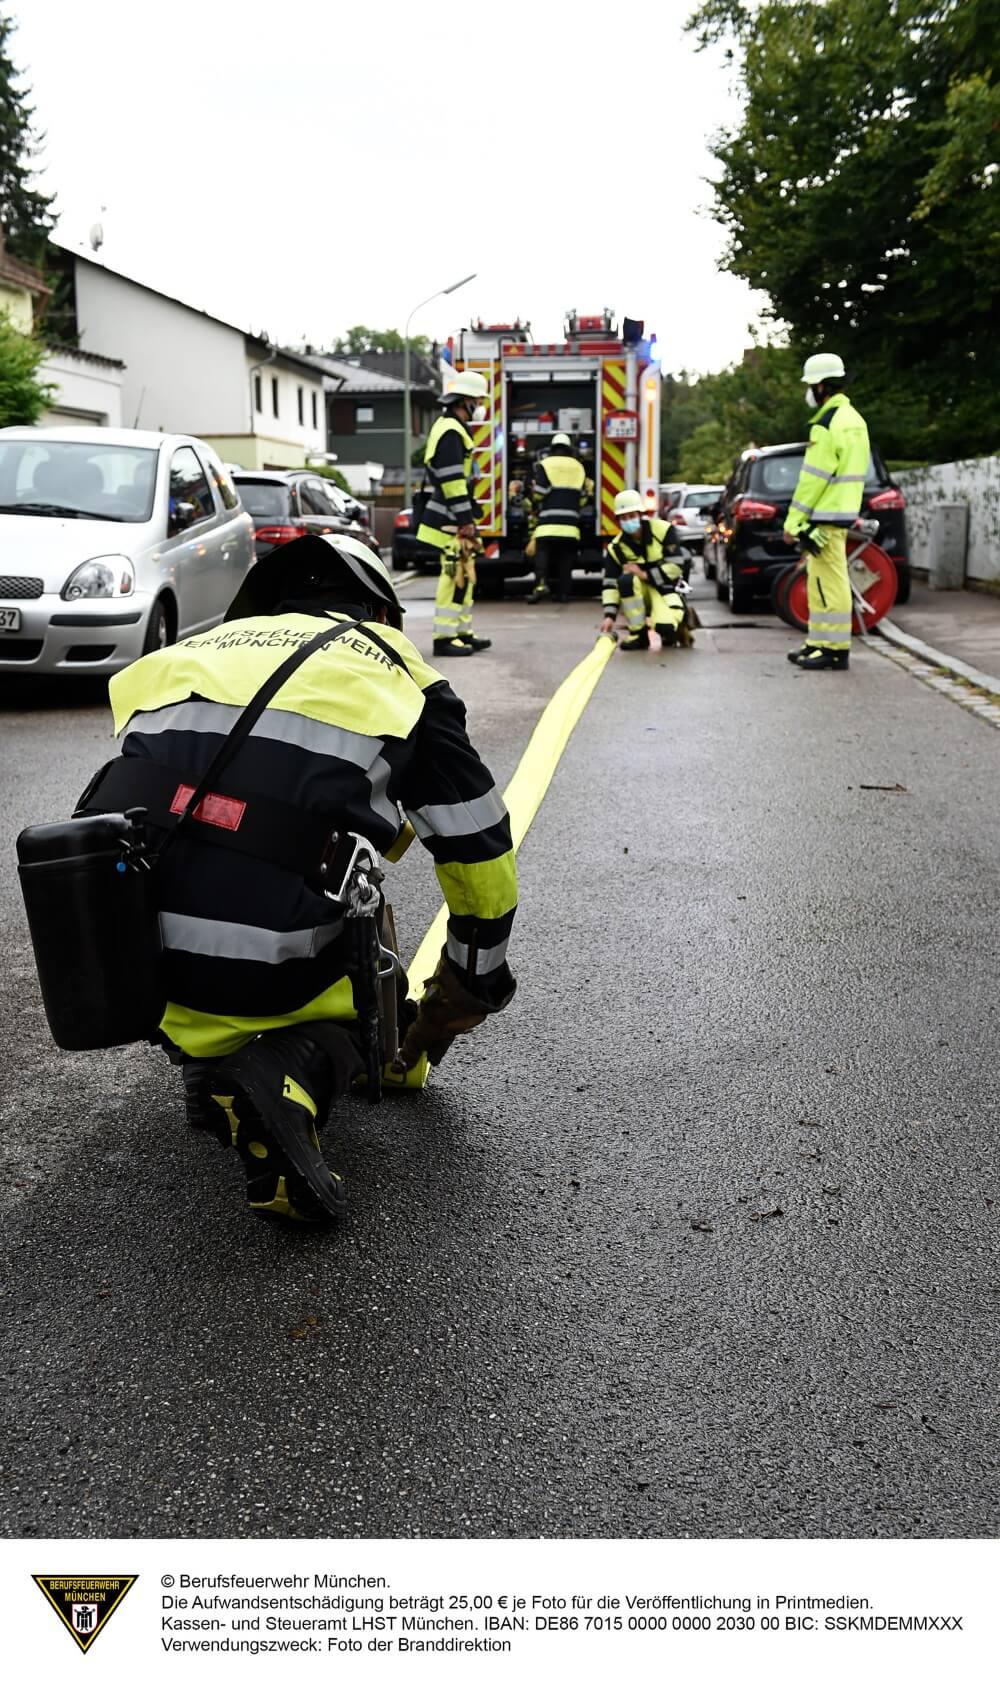 Ein brennendes Modellflugzeug löste am 22. August 2020 einen Einsatz der Münchener Feuerwehr aus.